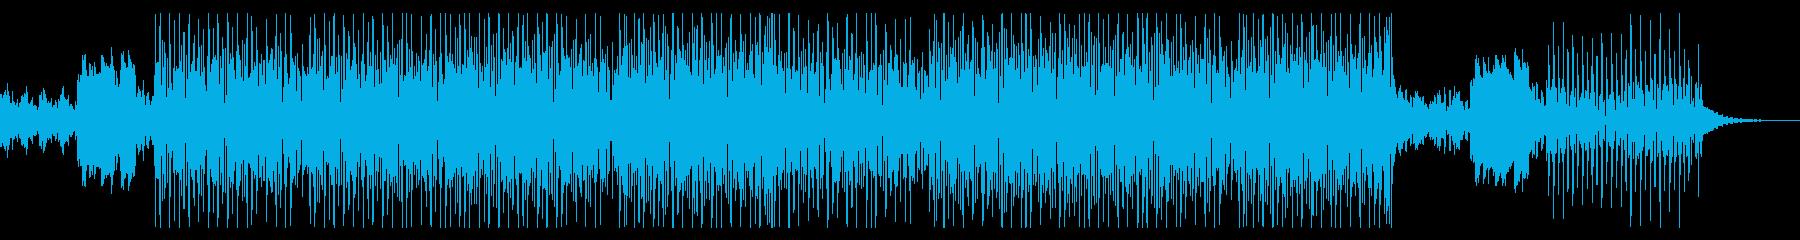 店舗BGMに。ディープハウスギターソロ無の再生済みの波形